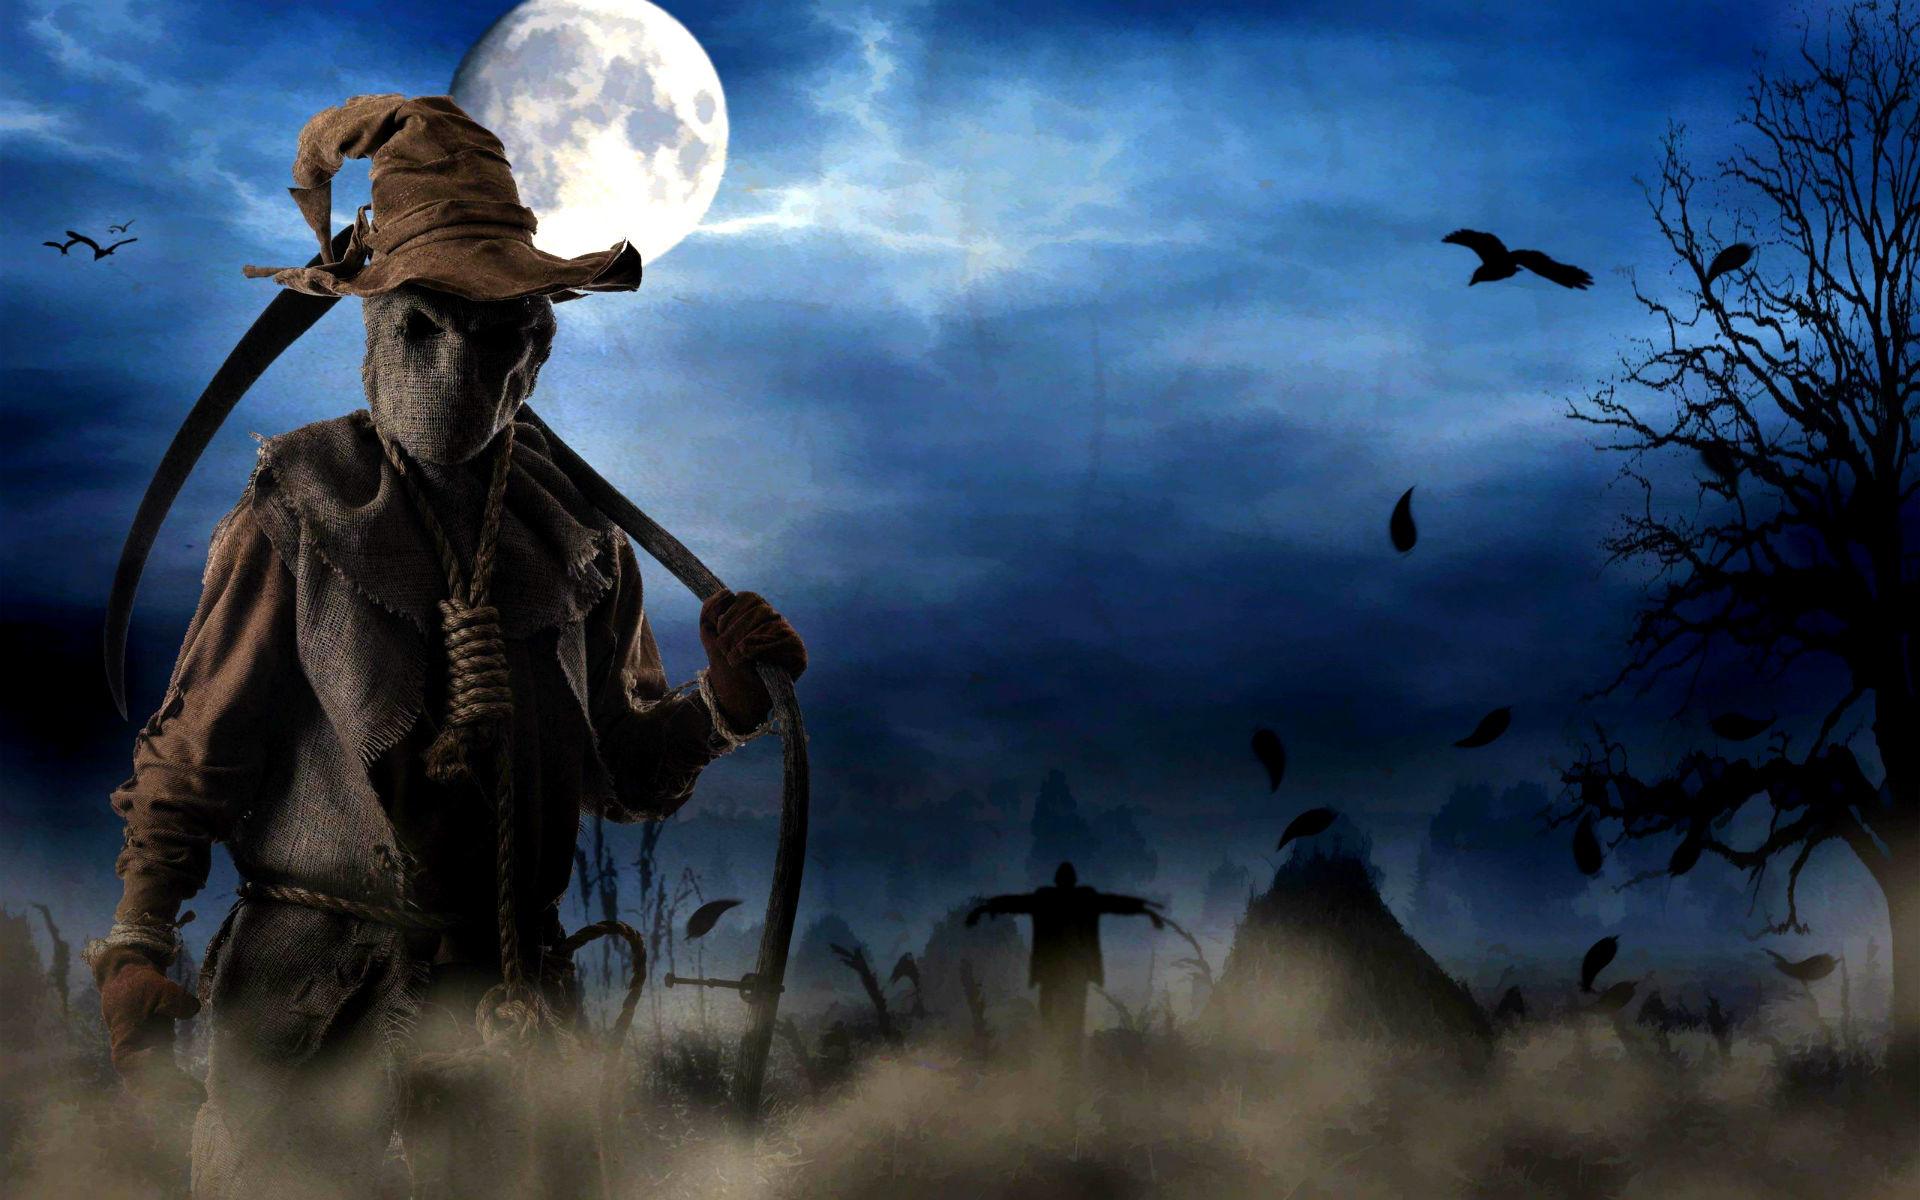 Best Halloween Wallpaper 63 images 1920x1200